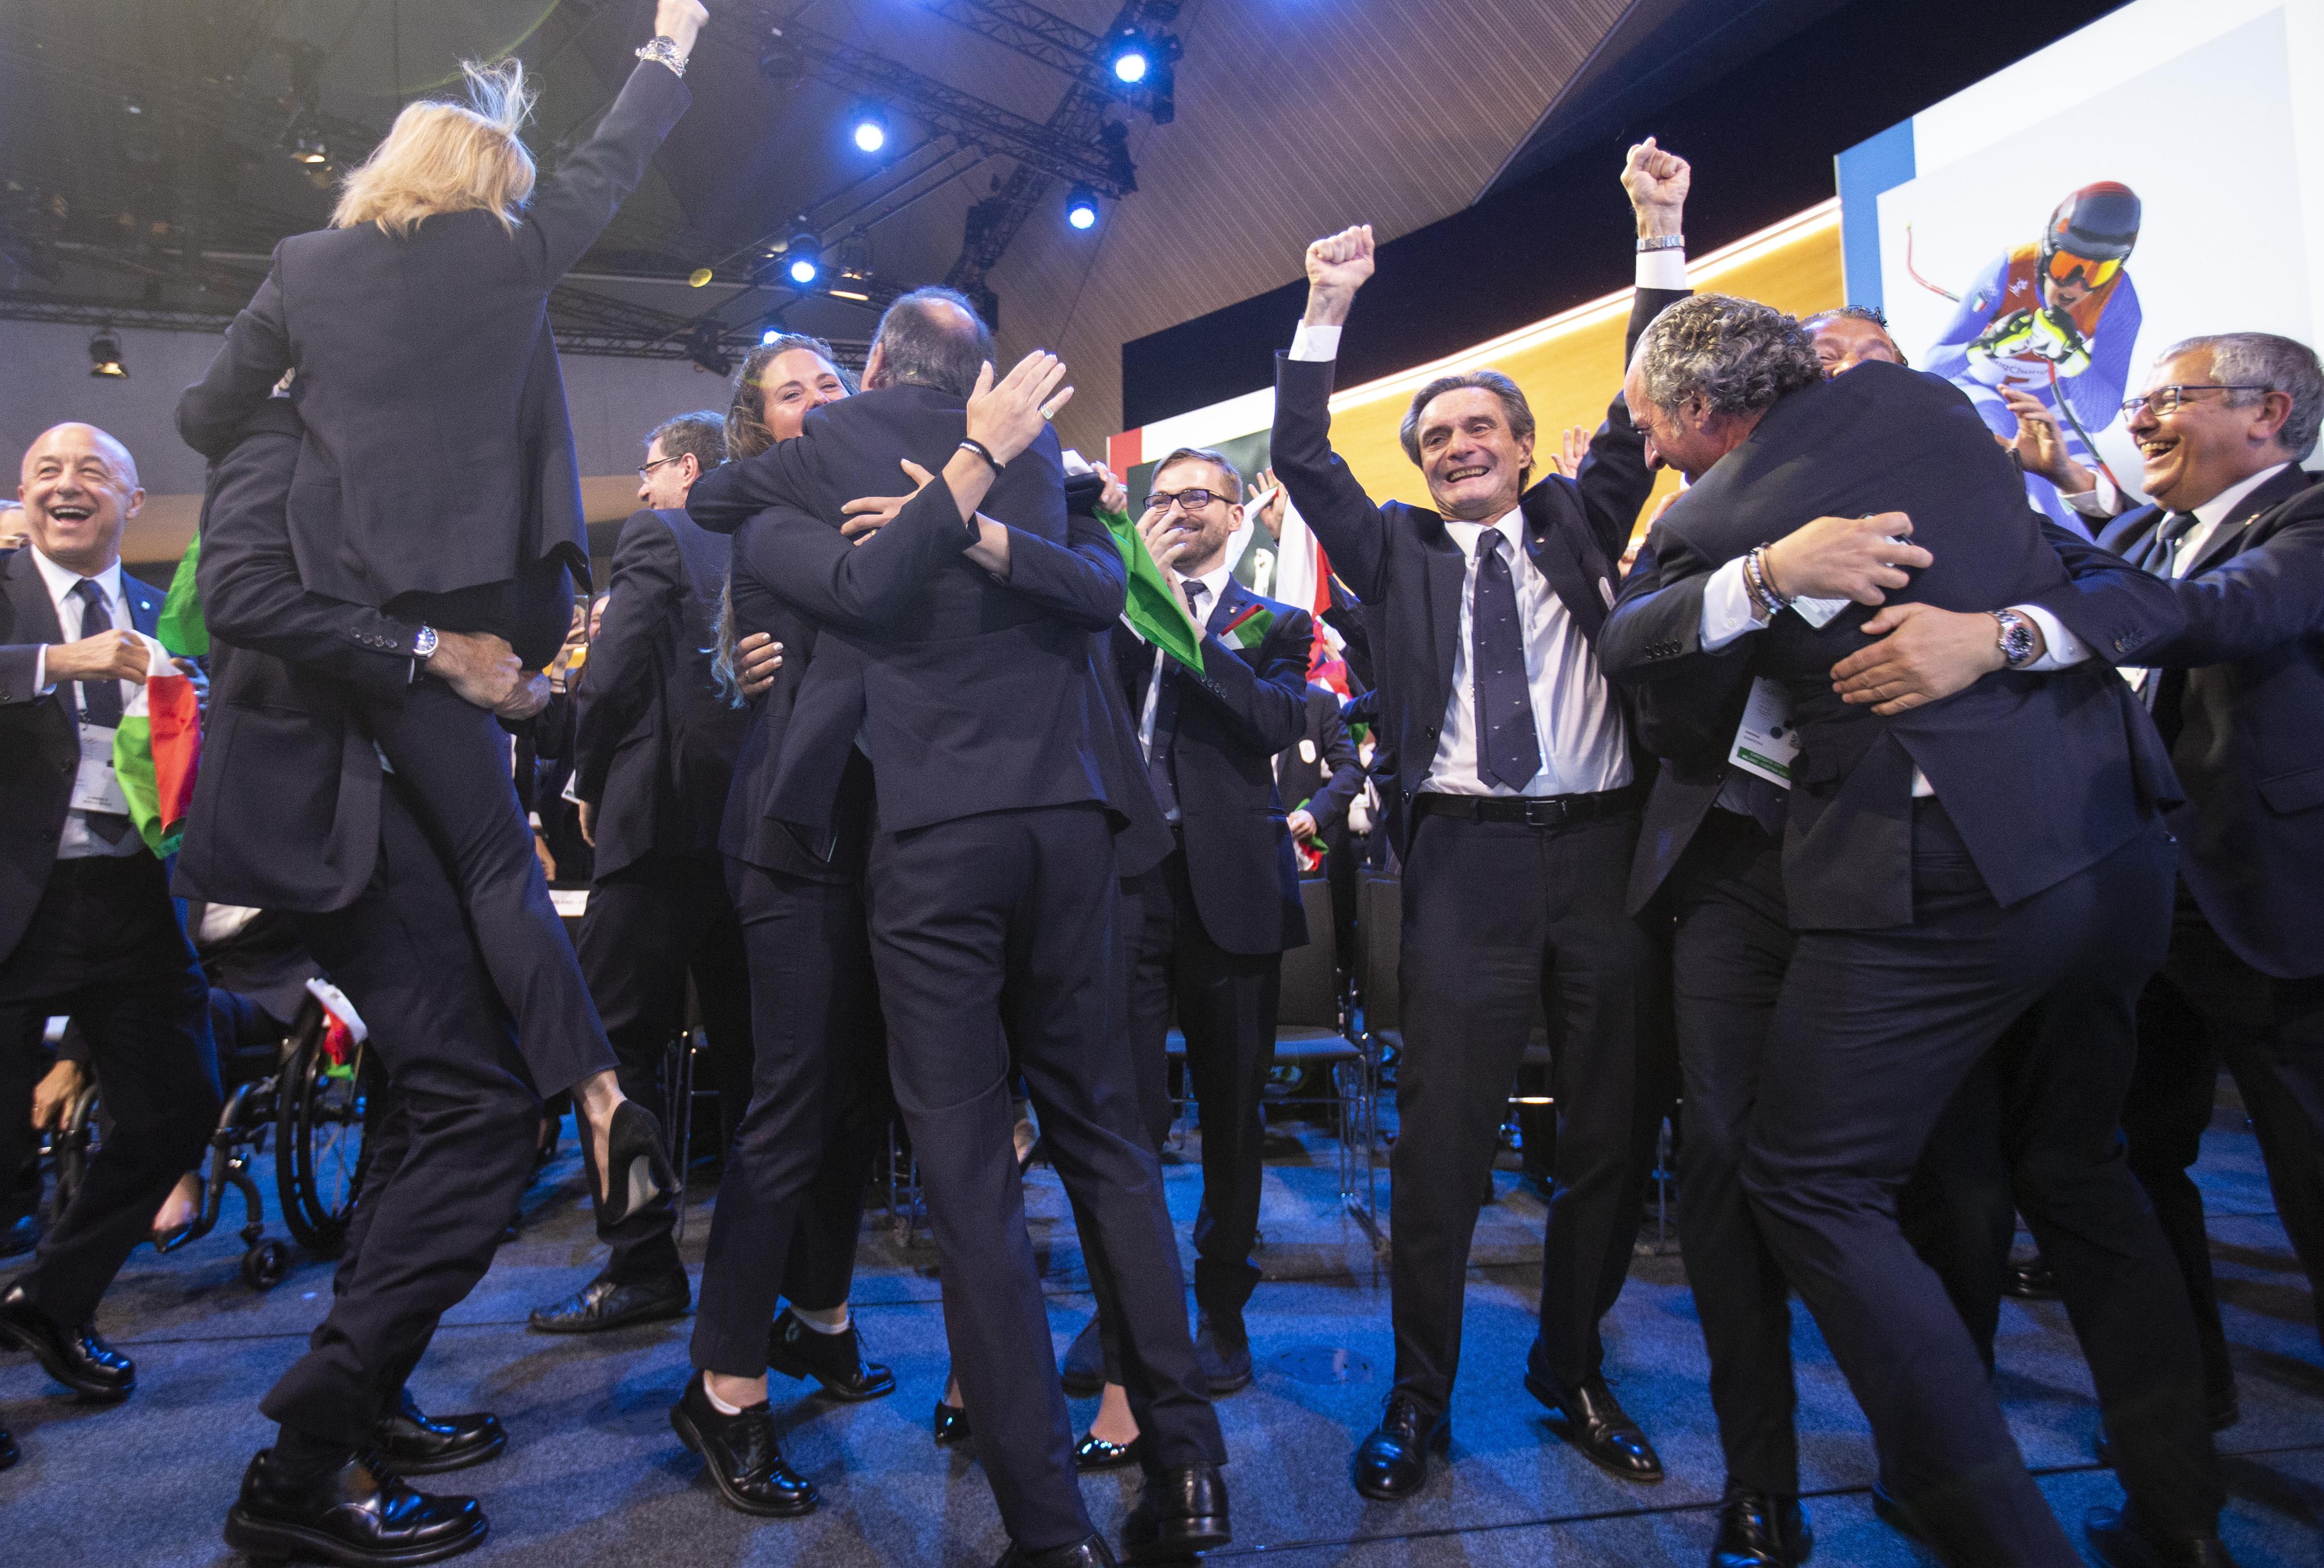 意大利获得2026冬奥会举办权 以13票优势击败瑞典